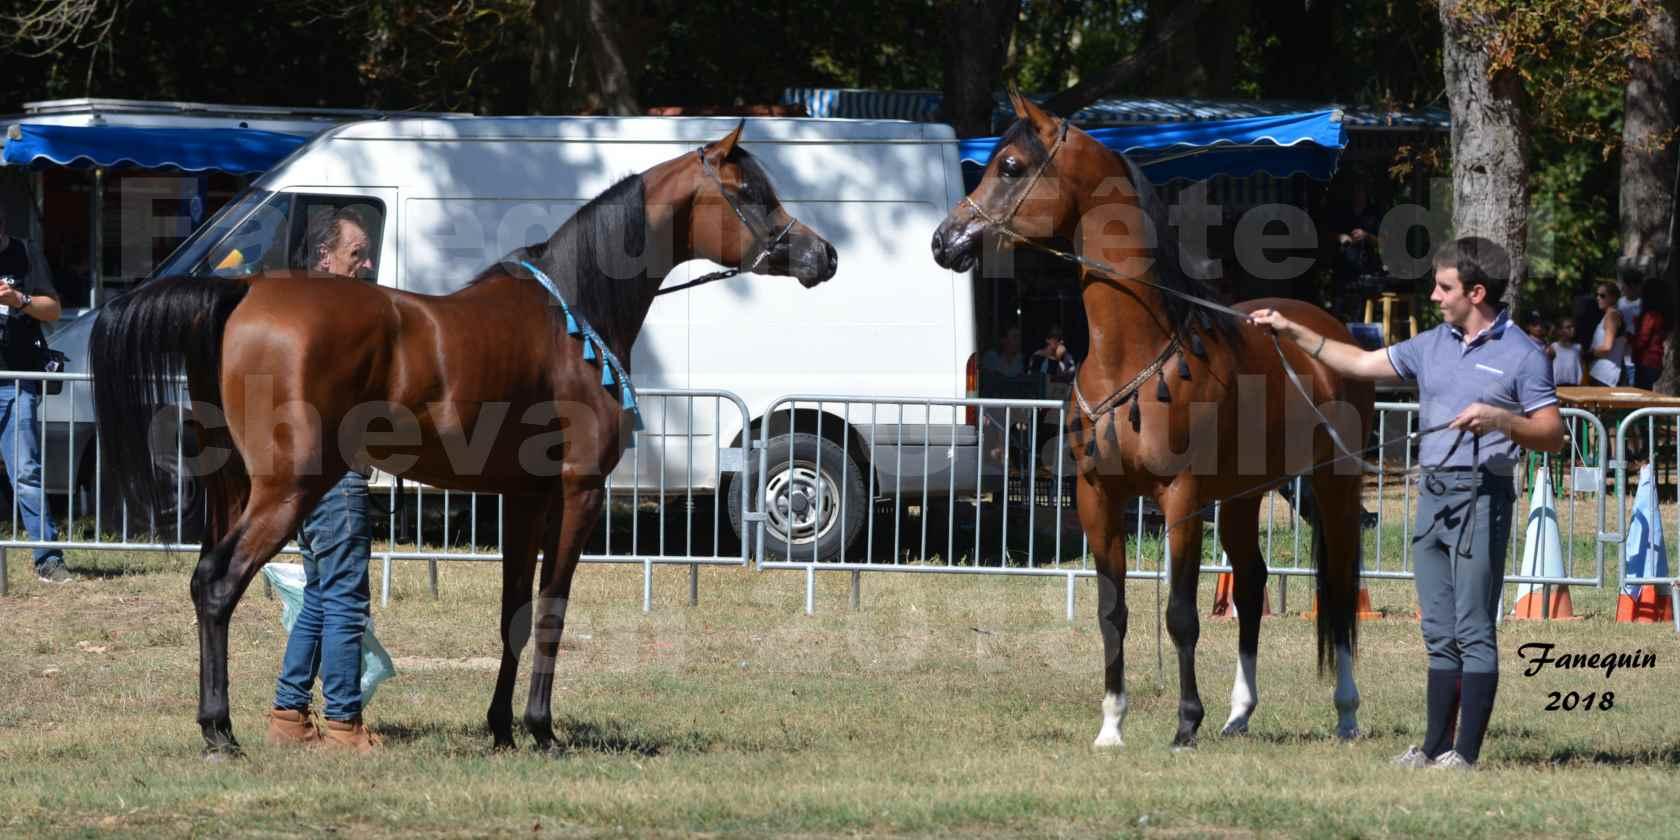 Fête du cheval à GRAULHET le 16 septembre 2018 - Présentation de chevaux Arabe Elevage de GACIA - 01